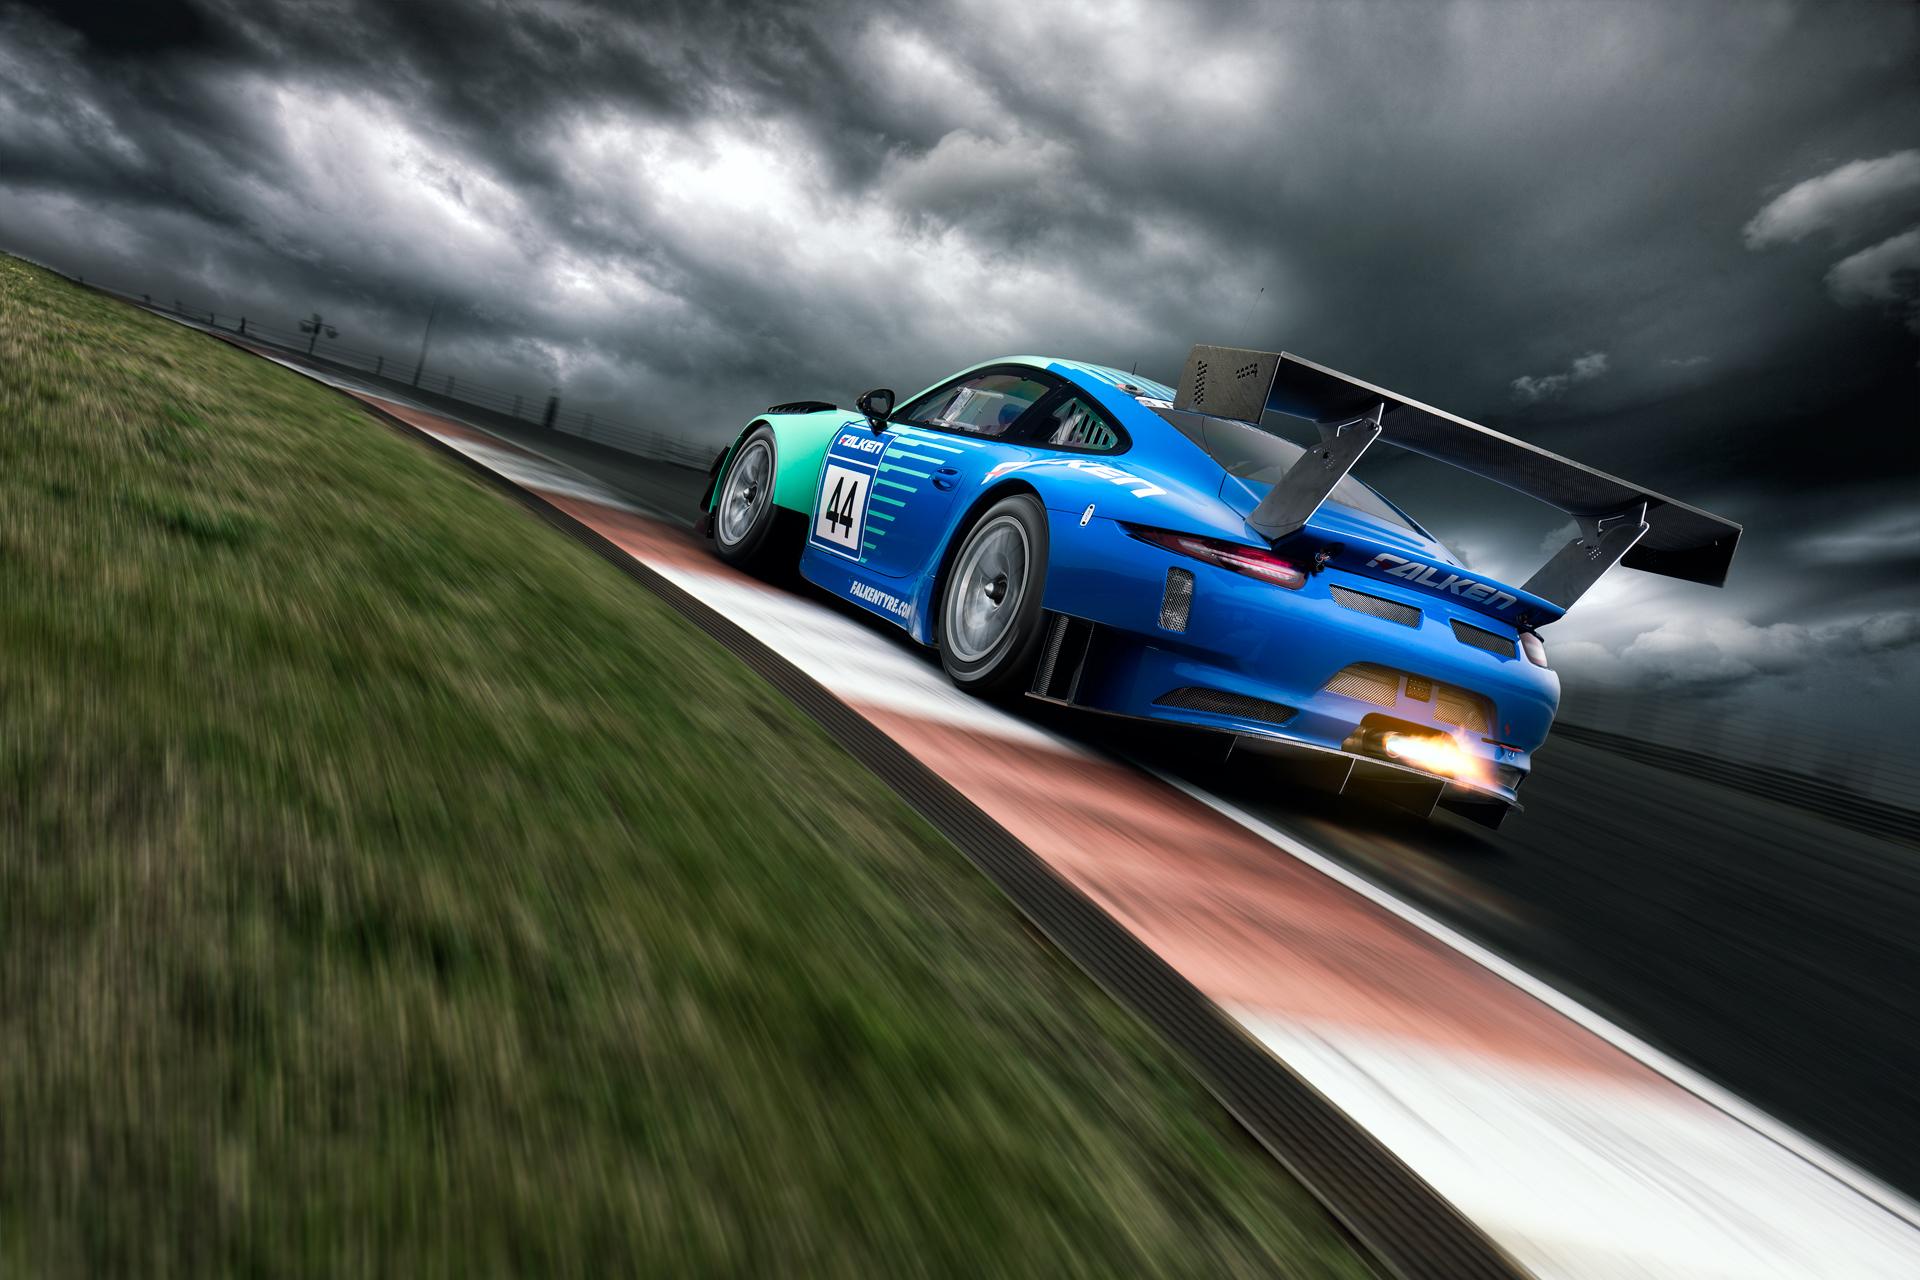 After-Falken Porsche 991 GT3 R